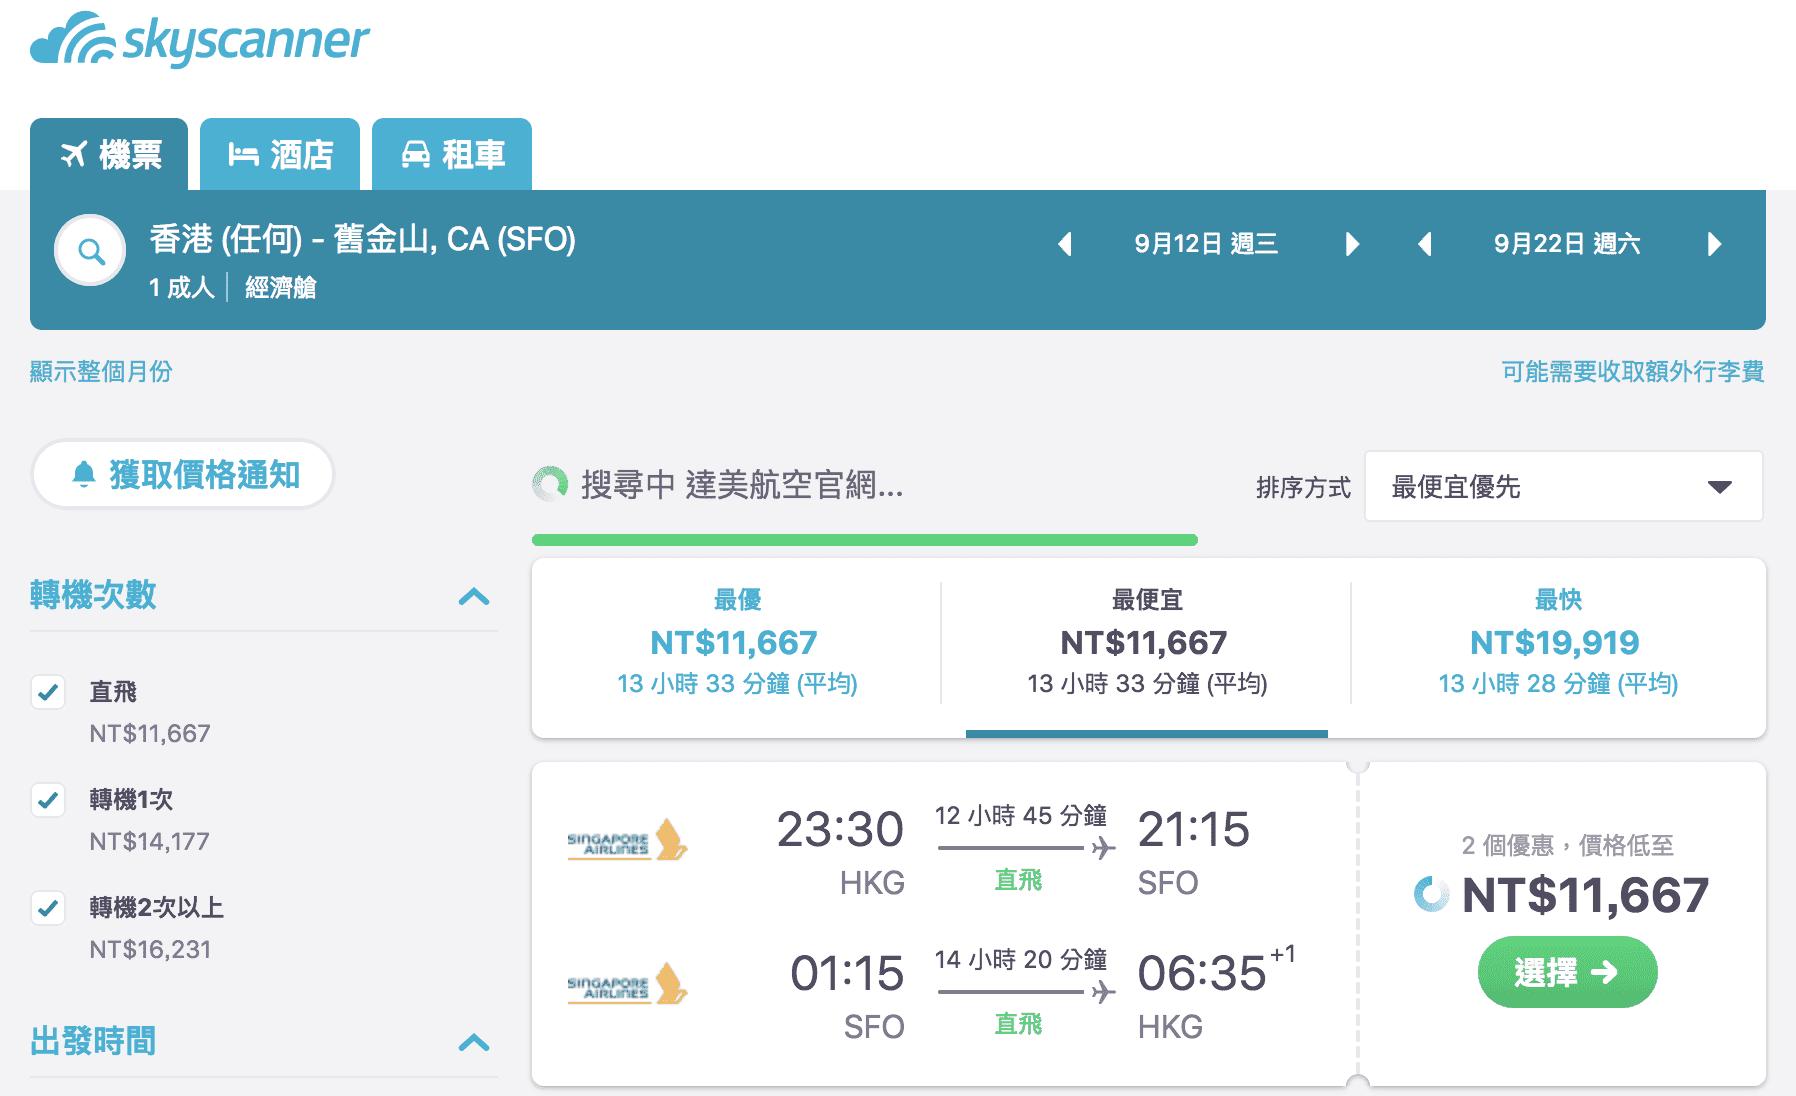 新加坡航空,香港直飛舊金山,最低只要11667元~夢幻新航直飛不中停喔~外站出發優惠~(查票日期:107.4.15)